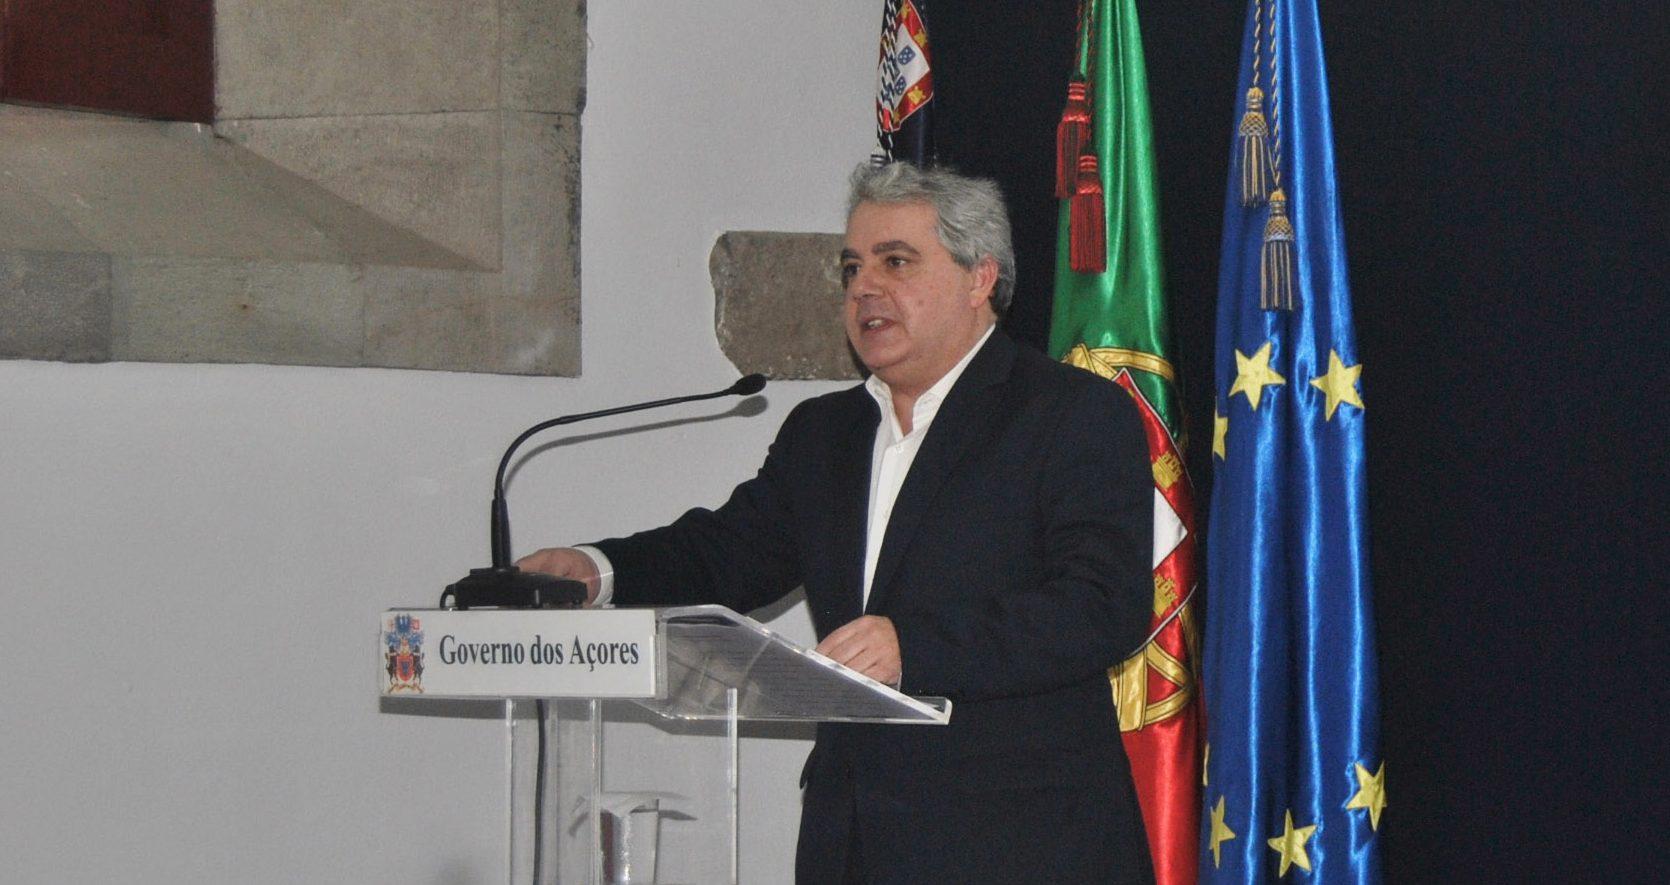 Governo dos Açores injeta 45 milhões de euros nas empresas para apoio imediato à manutenção dos postos de trabalho